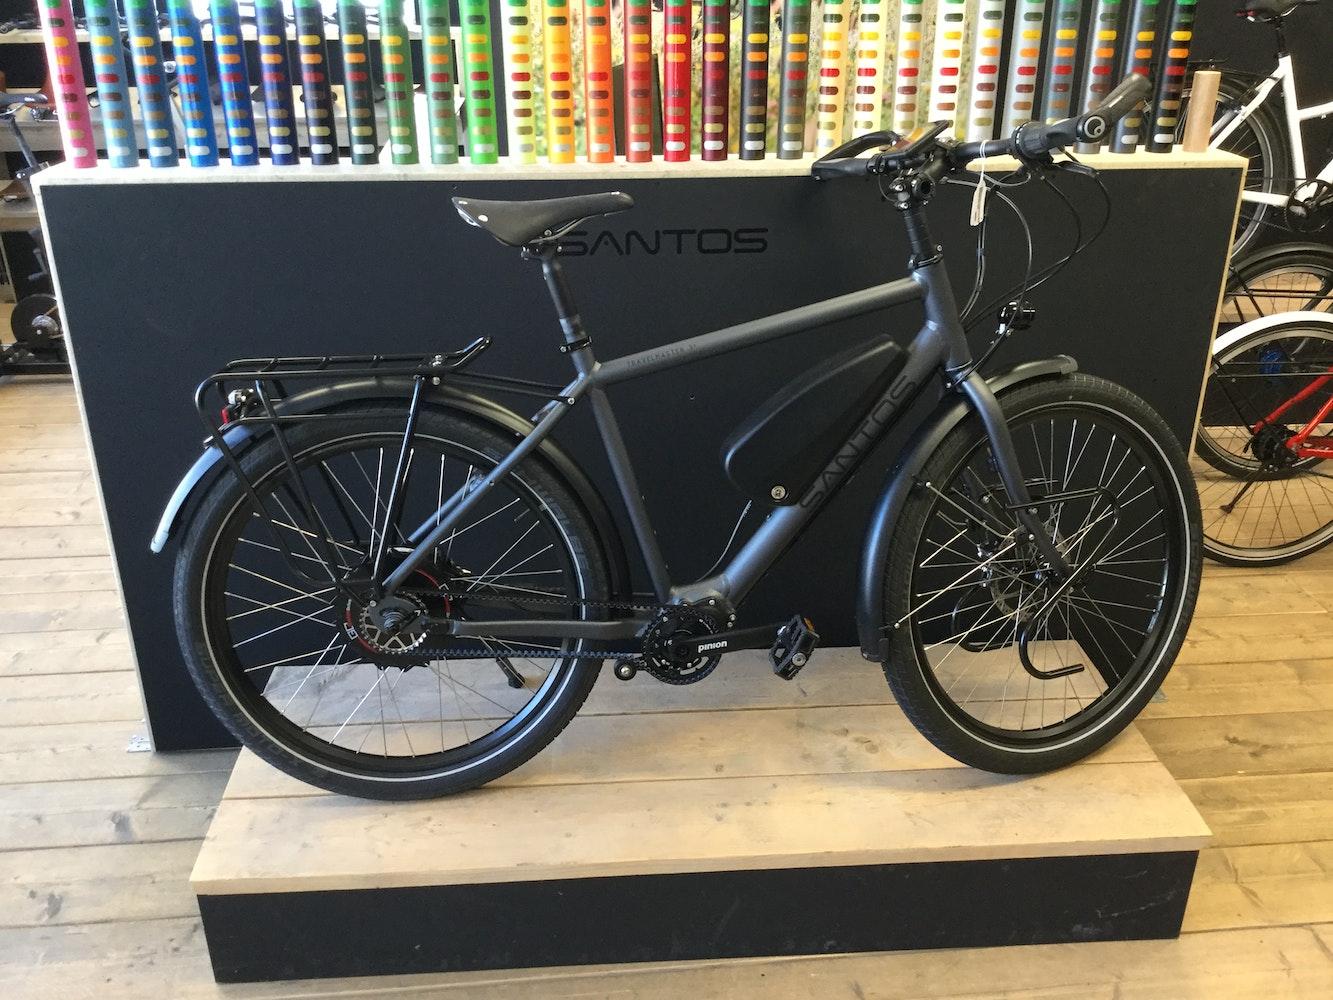 058c0a10832 Santos travelmaster 3+ 2018 | 2289933 | BikeExchange.nl